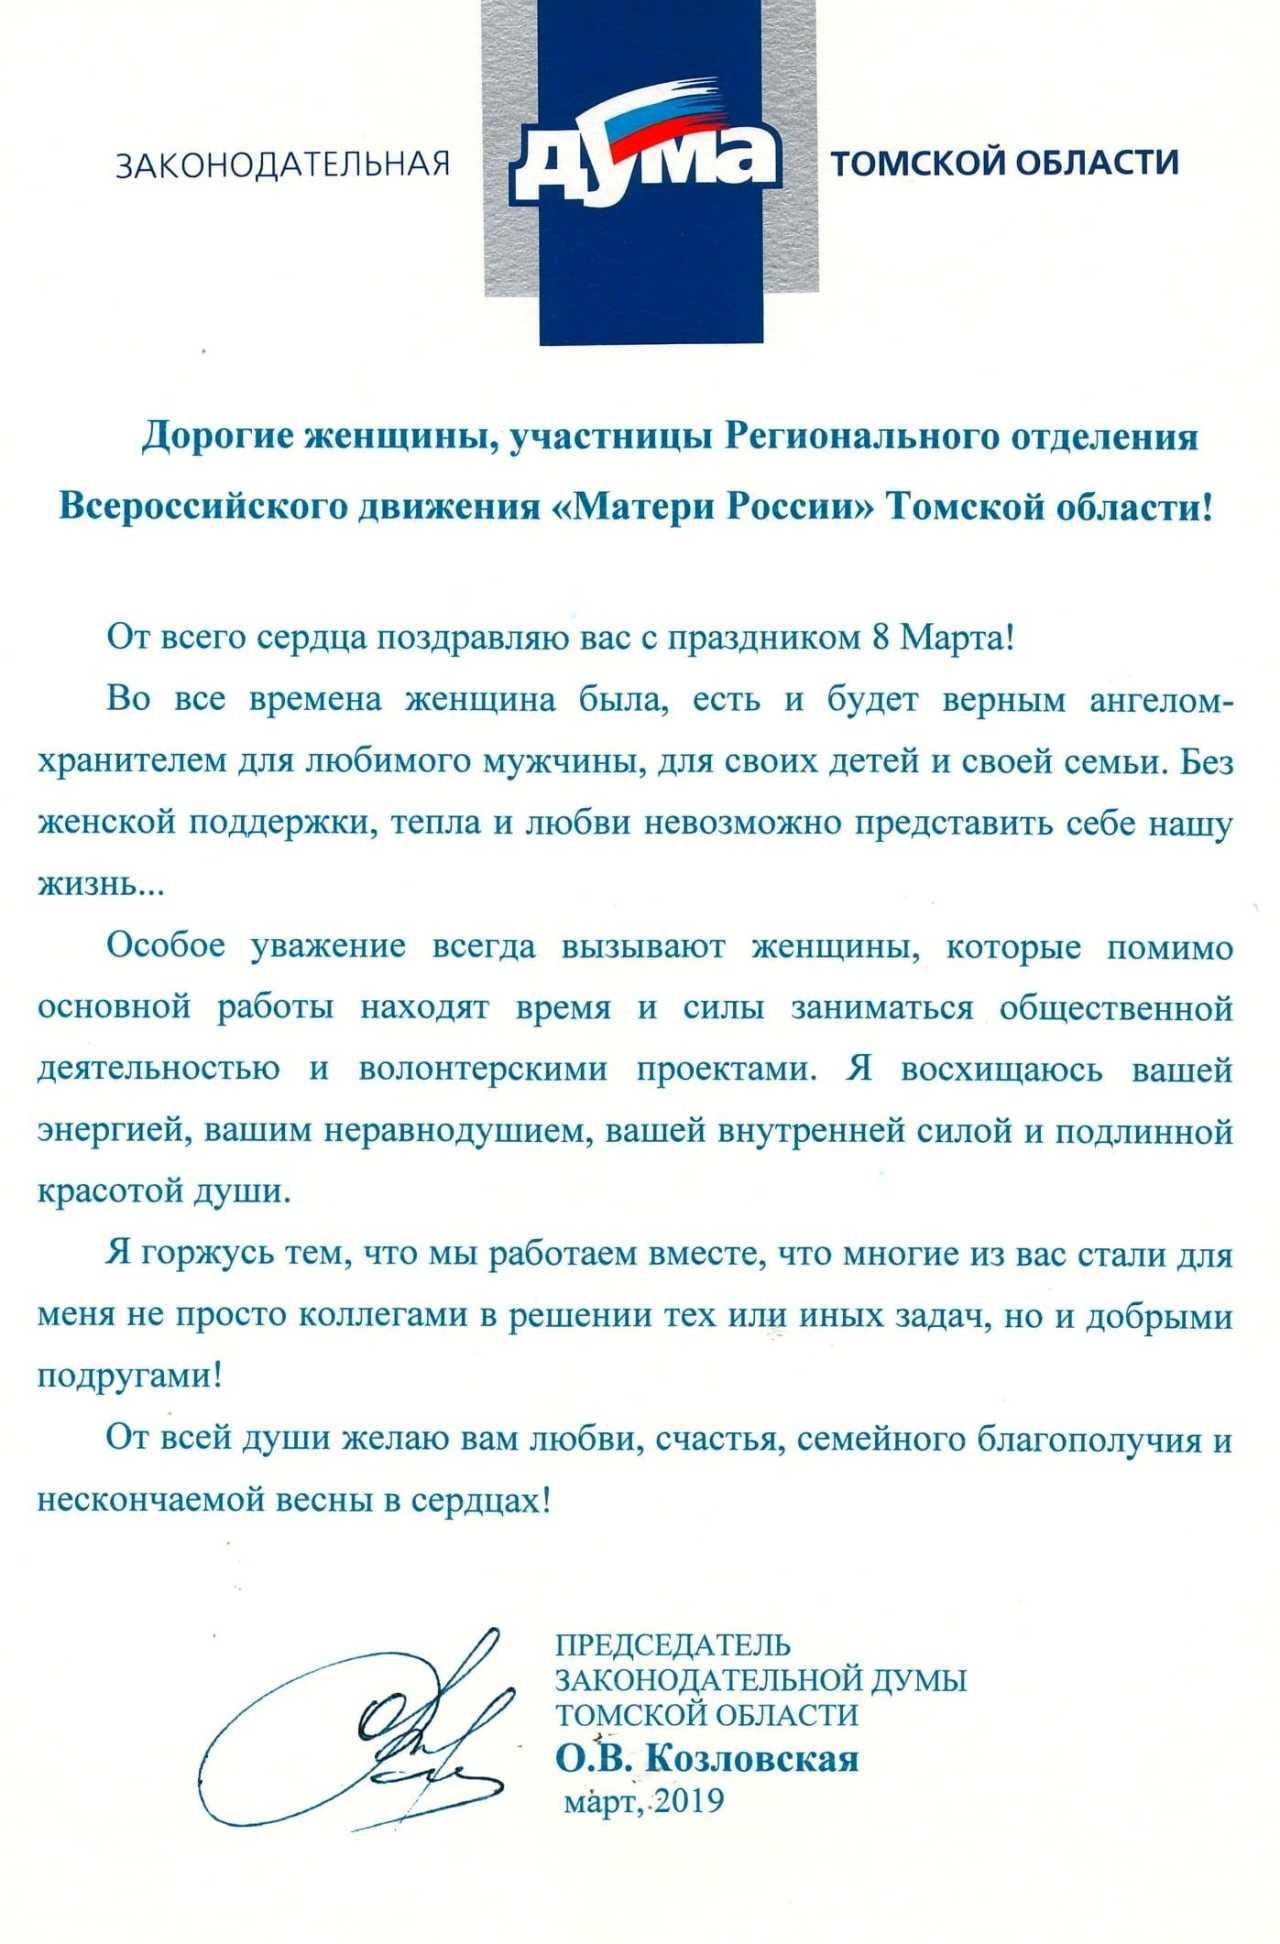 Праздничный концерт в Томске «Любимым, нежным, красивым!»